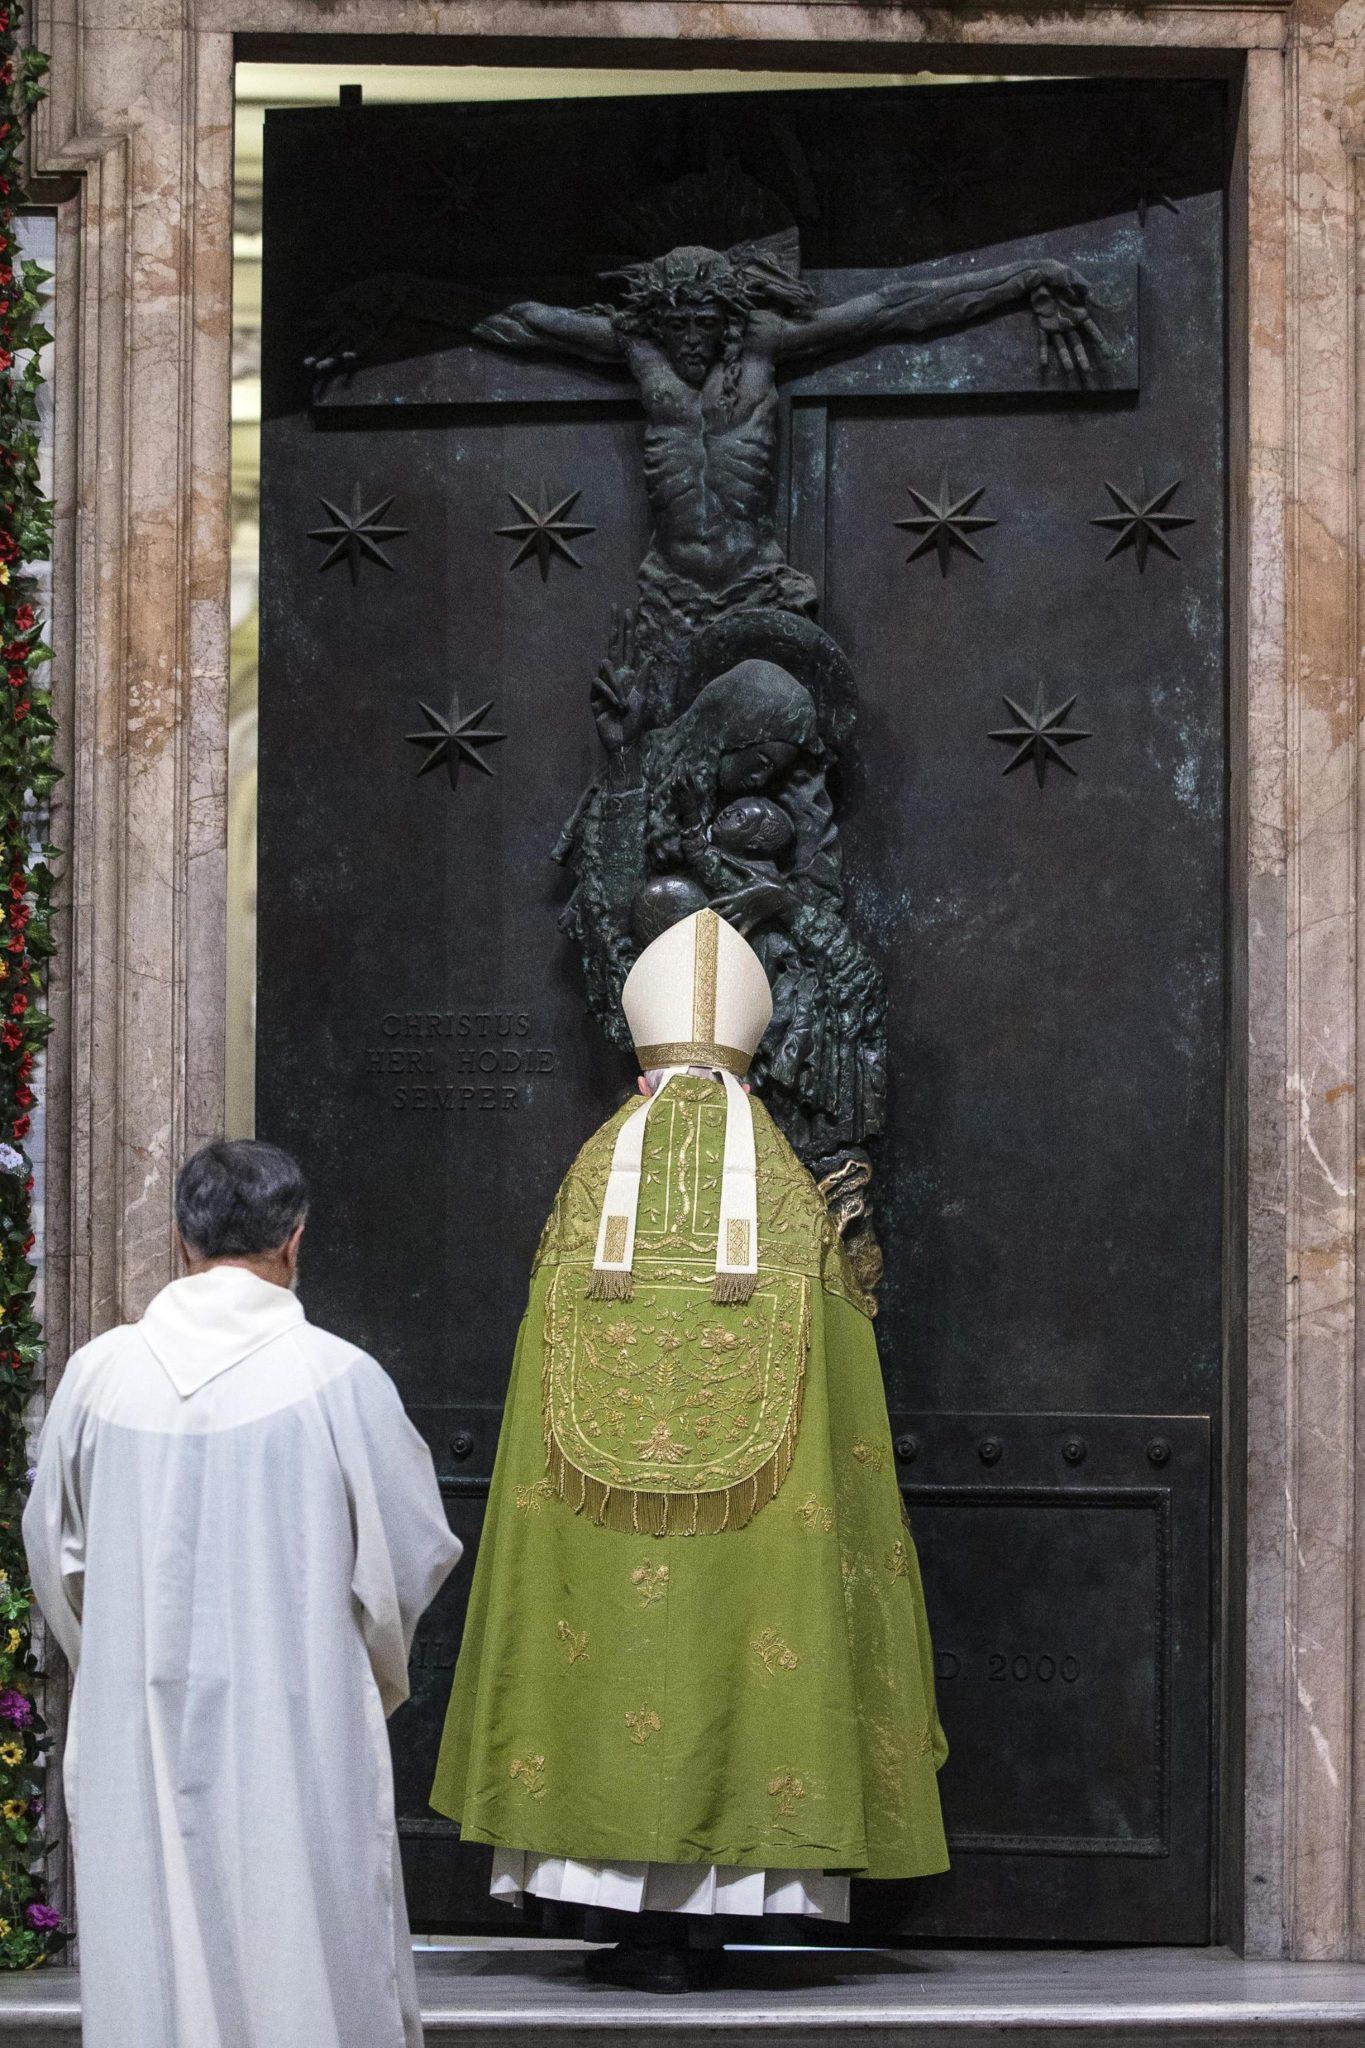 Kardynał Agostino Vallini zamyka Święte Drzwi w bazylice św. Jana na Lateranie. Święty Rok Miłosierdzia kończy się już 20. listopada.